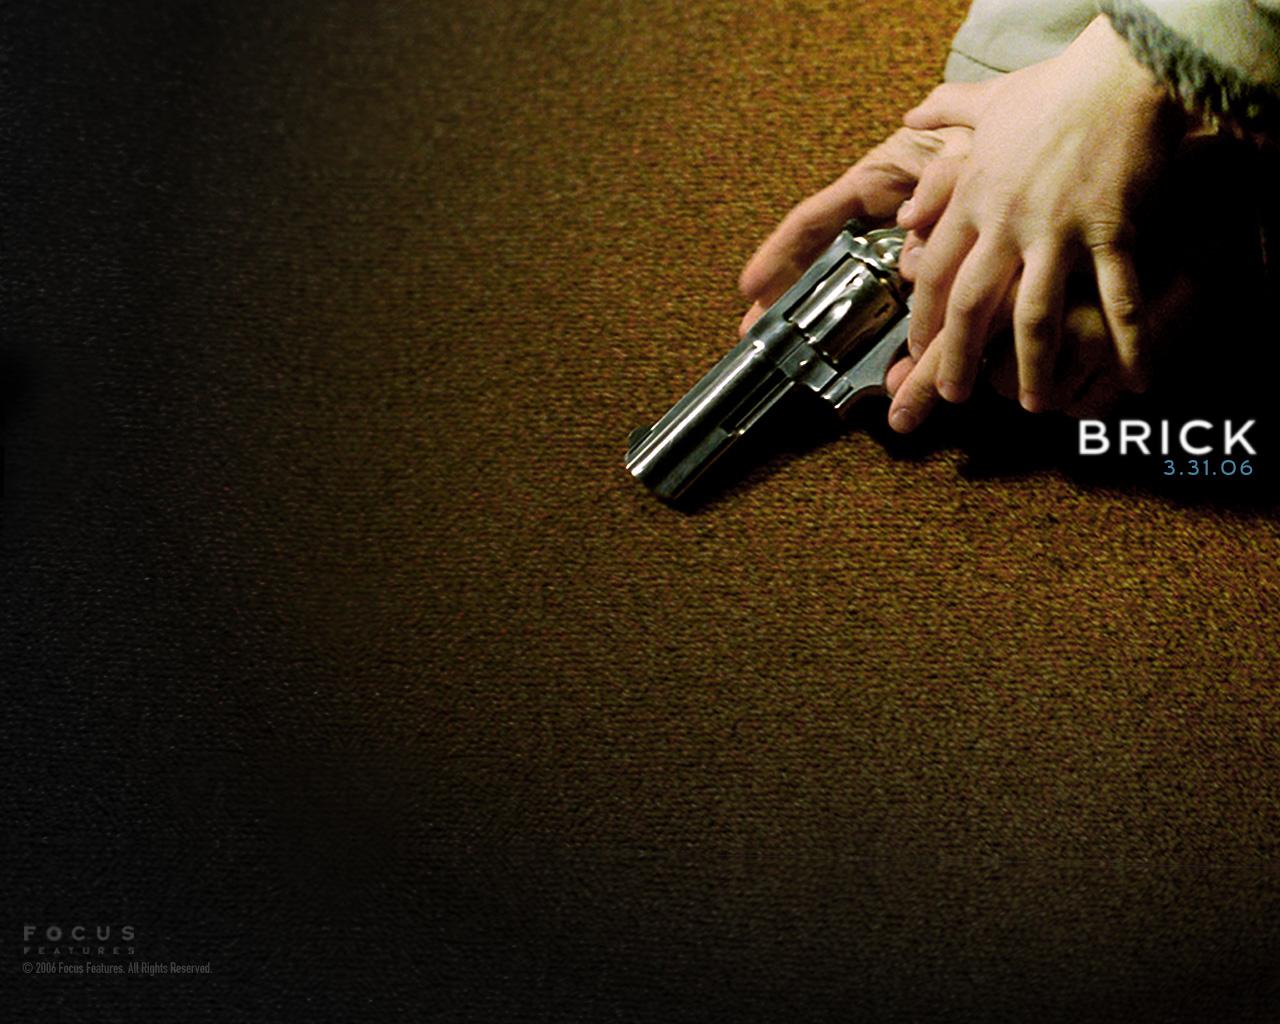 http://3.bp.blogspot.com/-wJjz_c4Yf48/ToQKTlY2kxI/AAAAAAAAAgg/tBpqzq6tQgs/s1600/brick-movie-wallpaper-3-738717.jpg